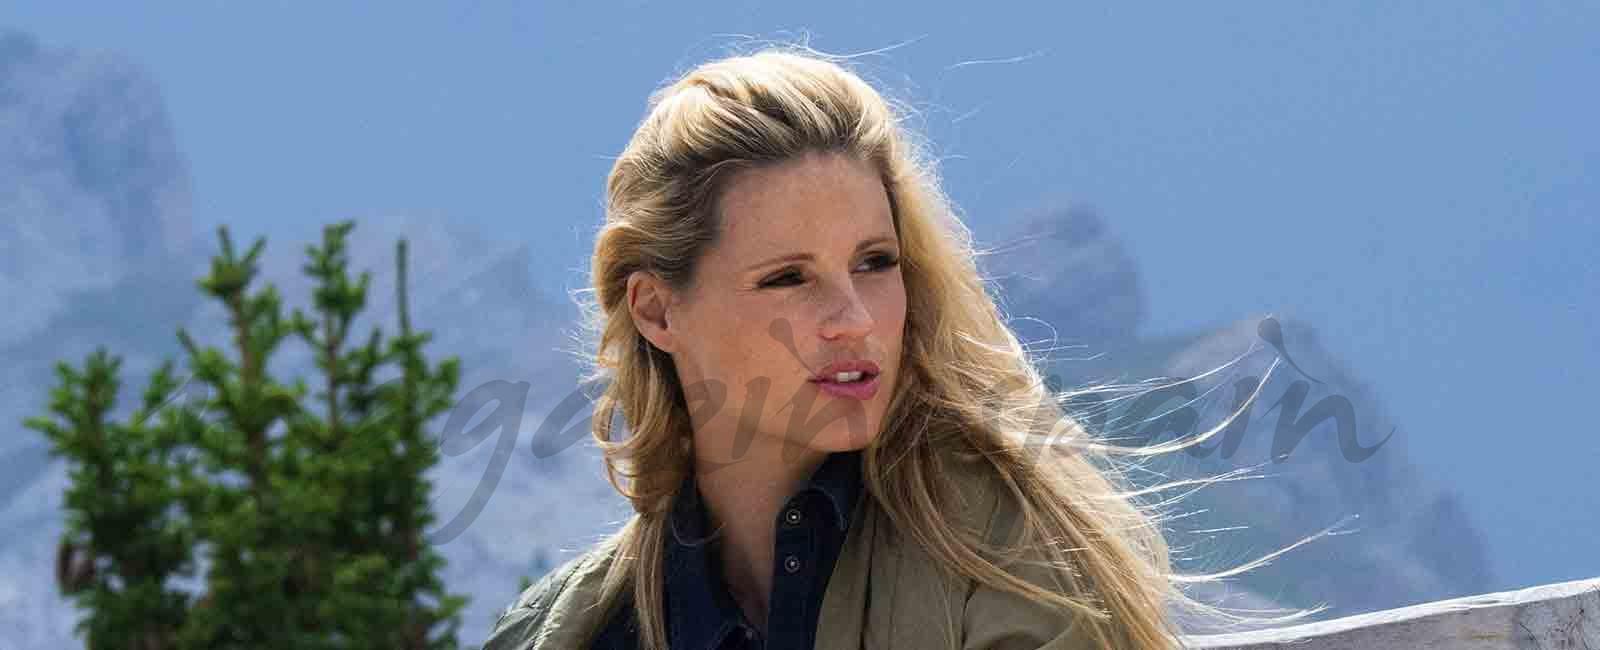 Michelle Hunziker elige la montaña para pasar sus vacaciones con su familia